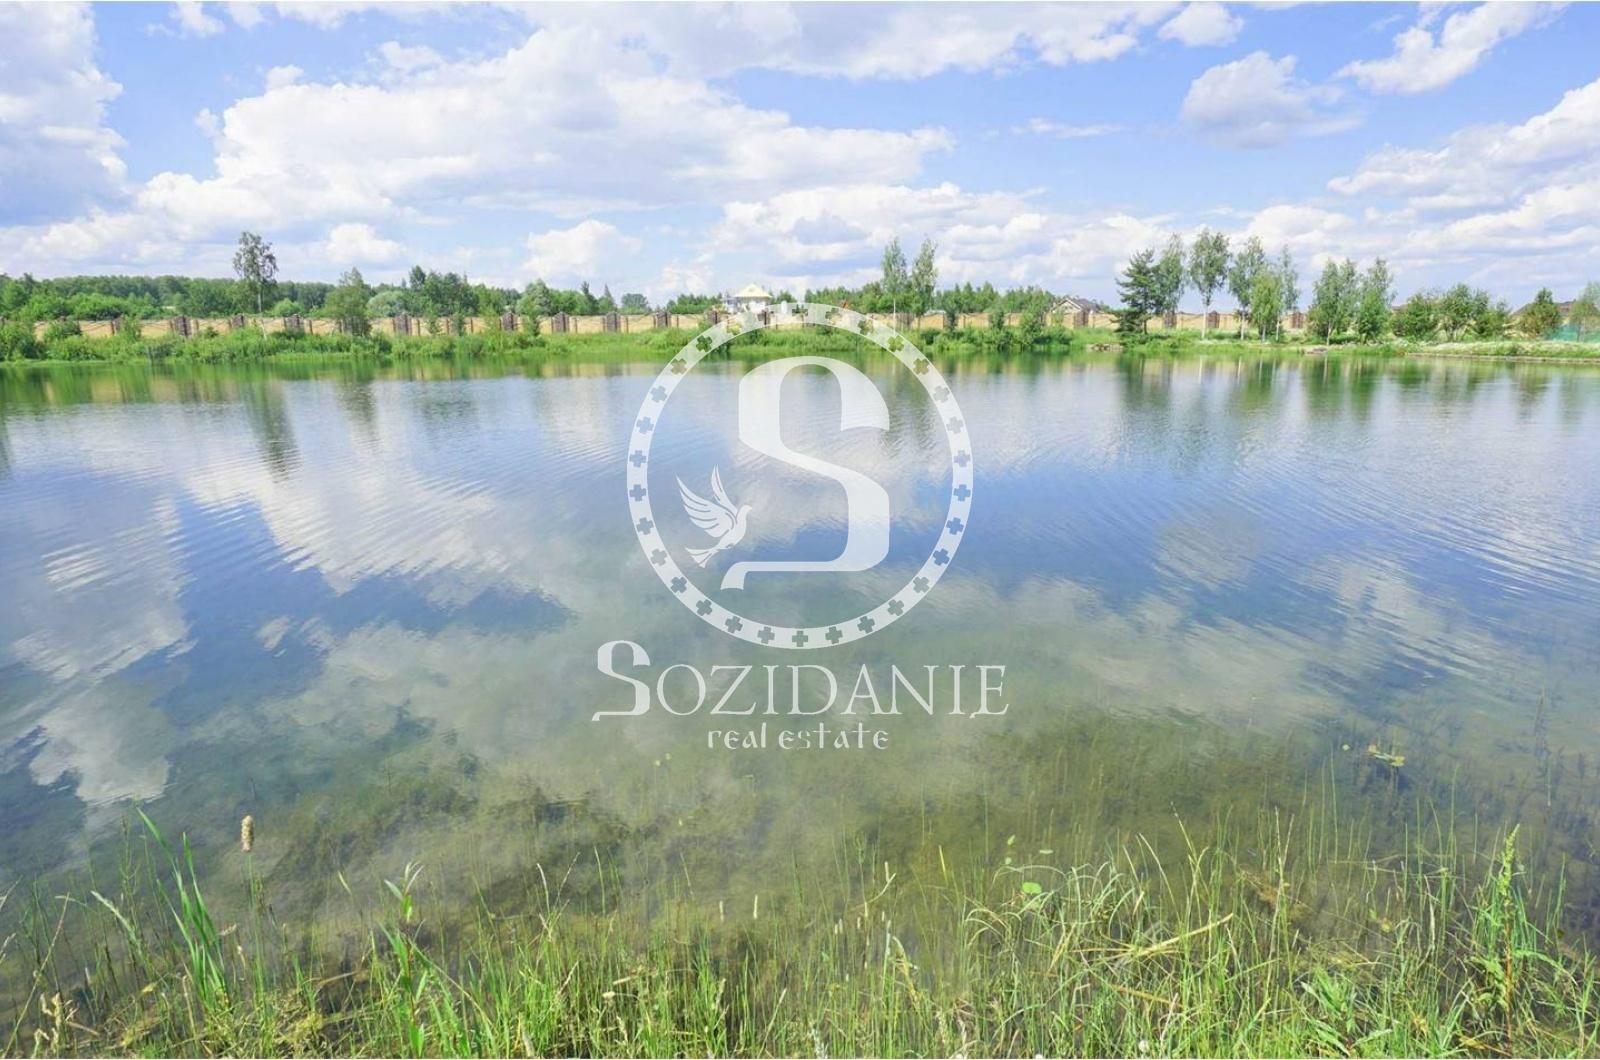 5 Bedrooms, Загородная, Продажа, Listing ID 1275, Московская область, Россия,